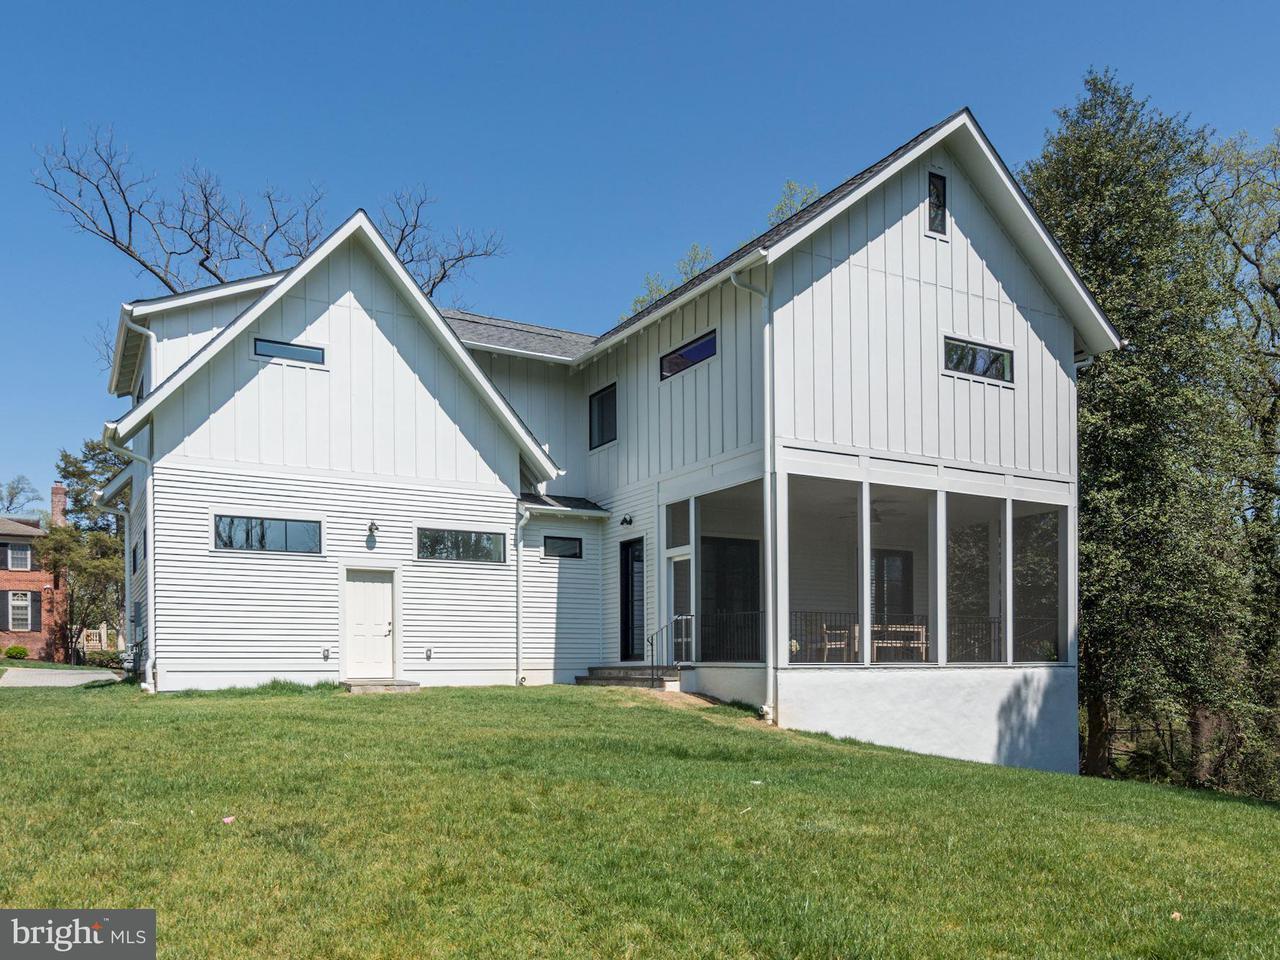 獨棟家庭住宅 為 出售 在 4664 25th St N 4664 25th St N Arlington, 弗吉尼亞州 22207 美國